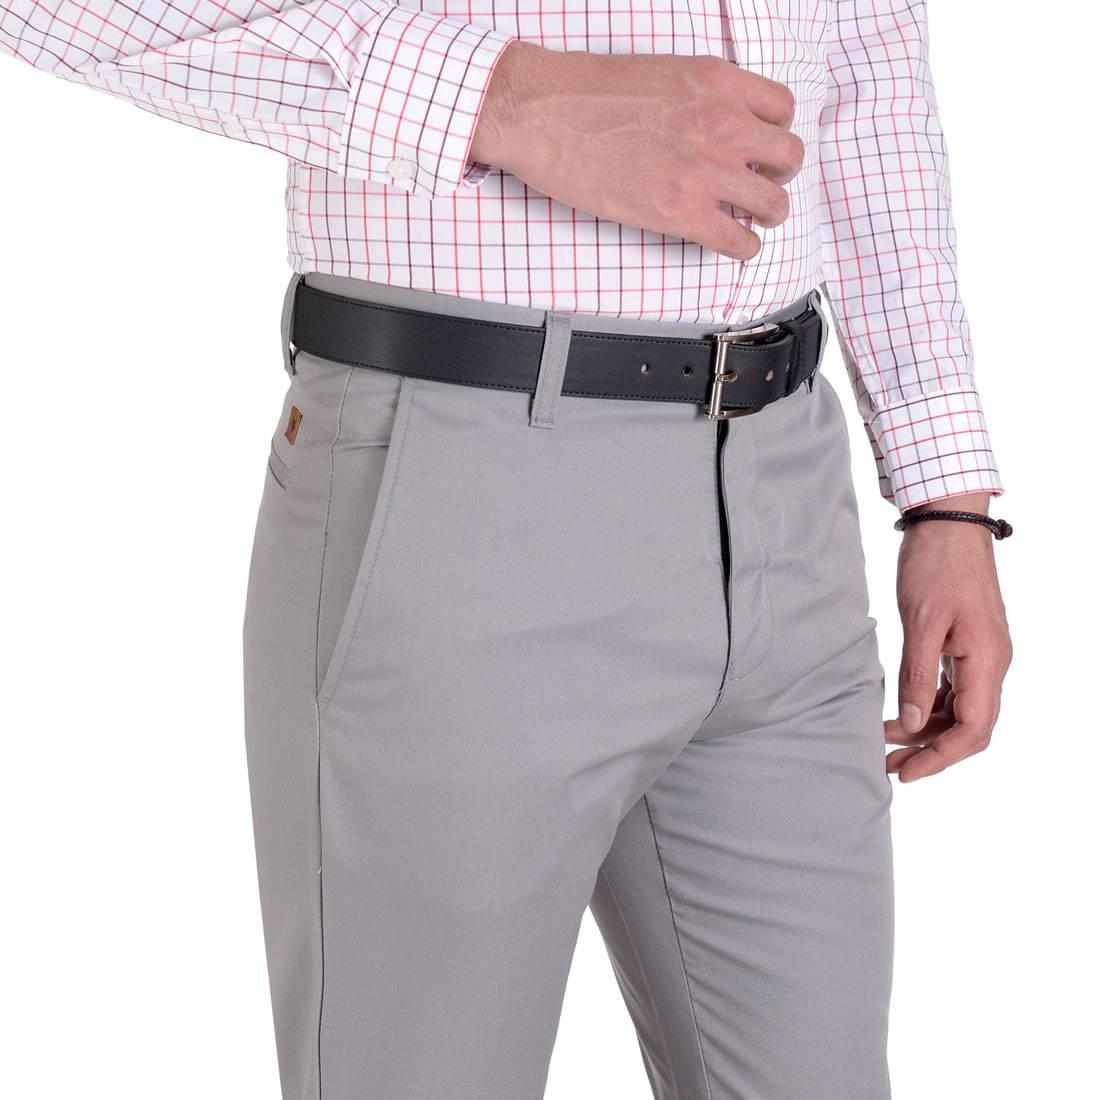 010920418903-03-Pantalon-Casual-Slim-Fit-Gris-yale